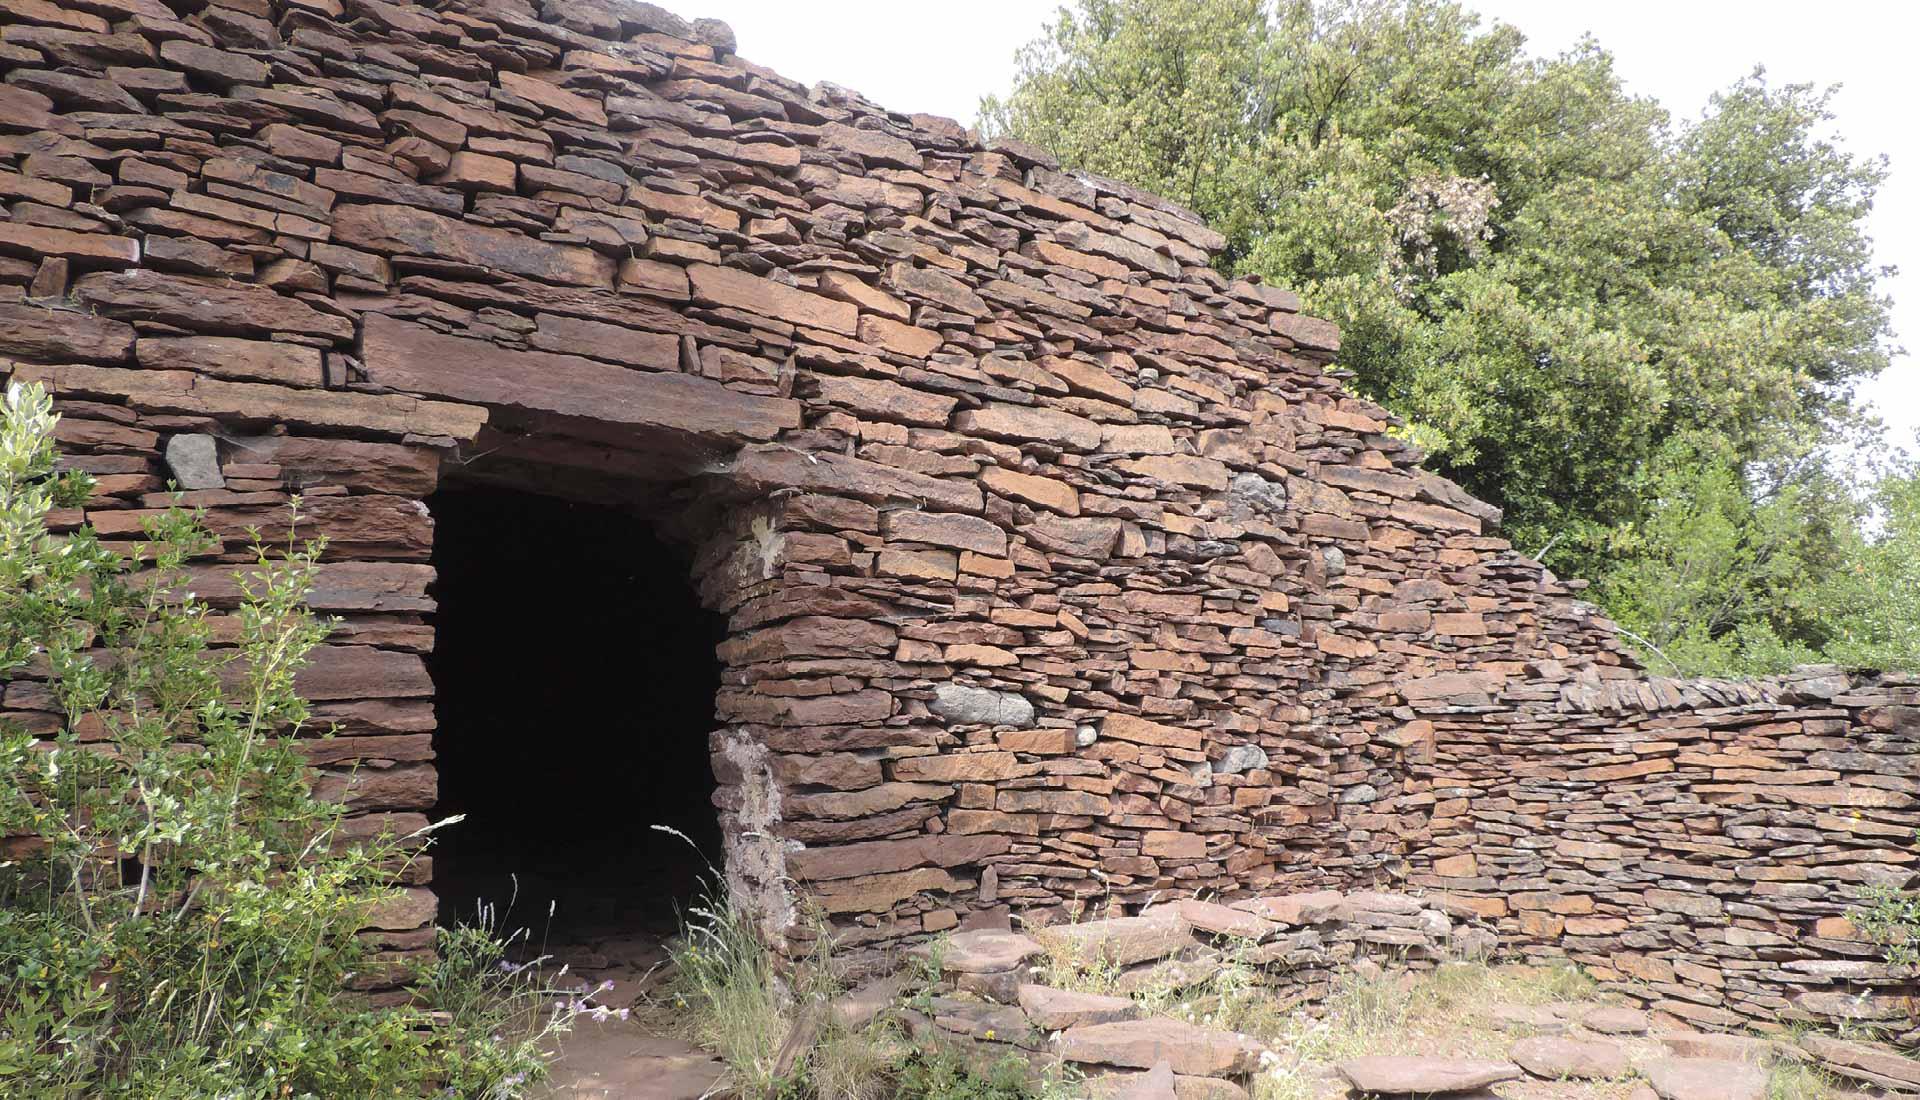 La ruffe est utilisée comme matériau de construction, cabane en pierre sèche en ruffe © Le Puech